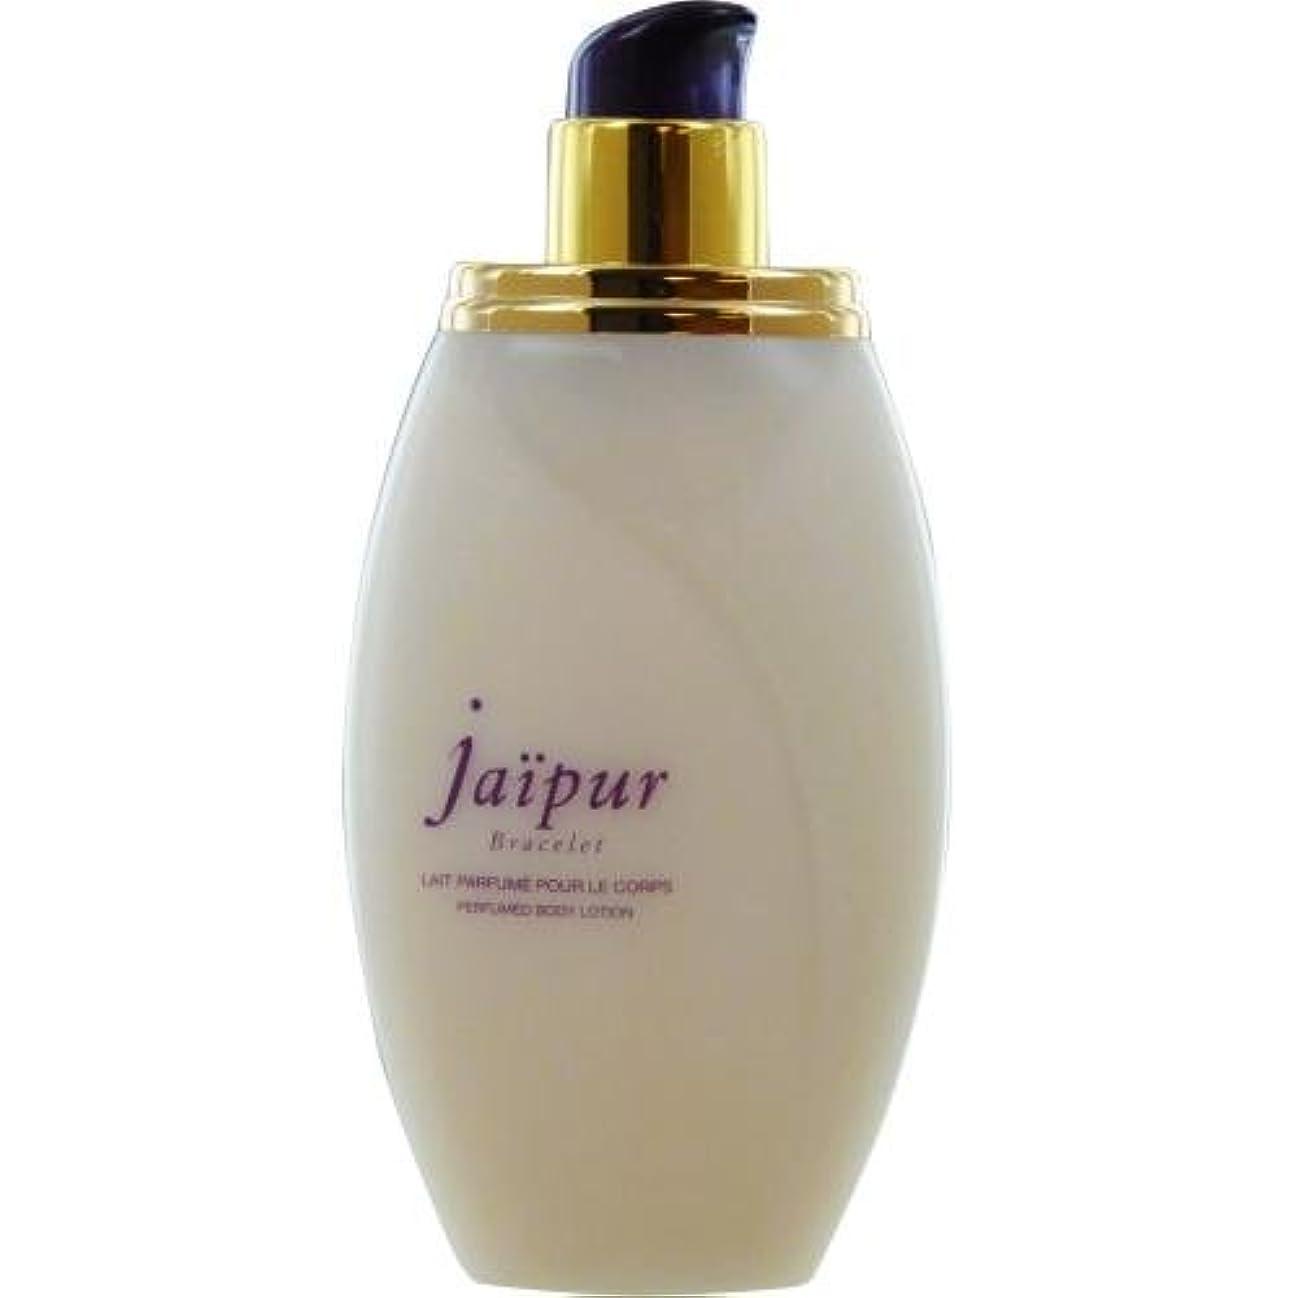 血ドア咳Jaipur Bracelet Perfumed Body Lotion